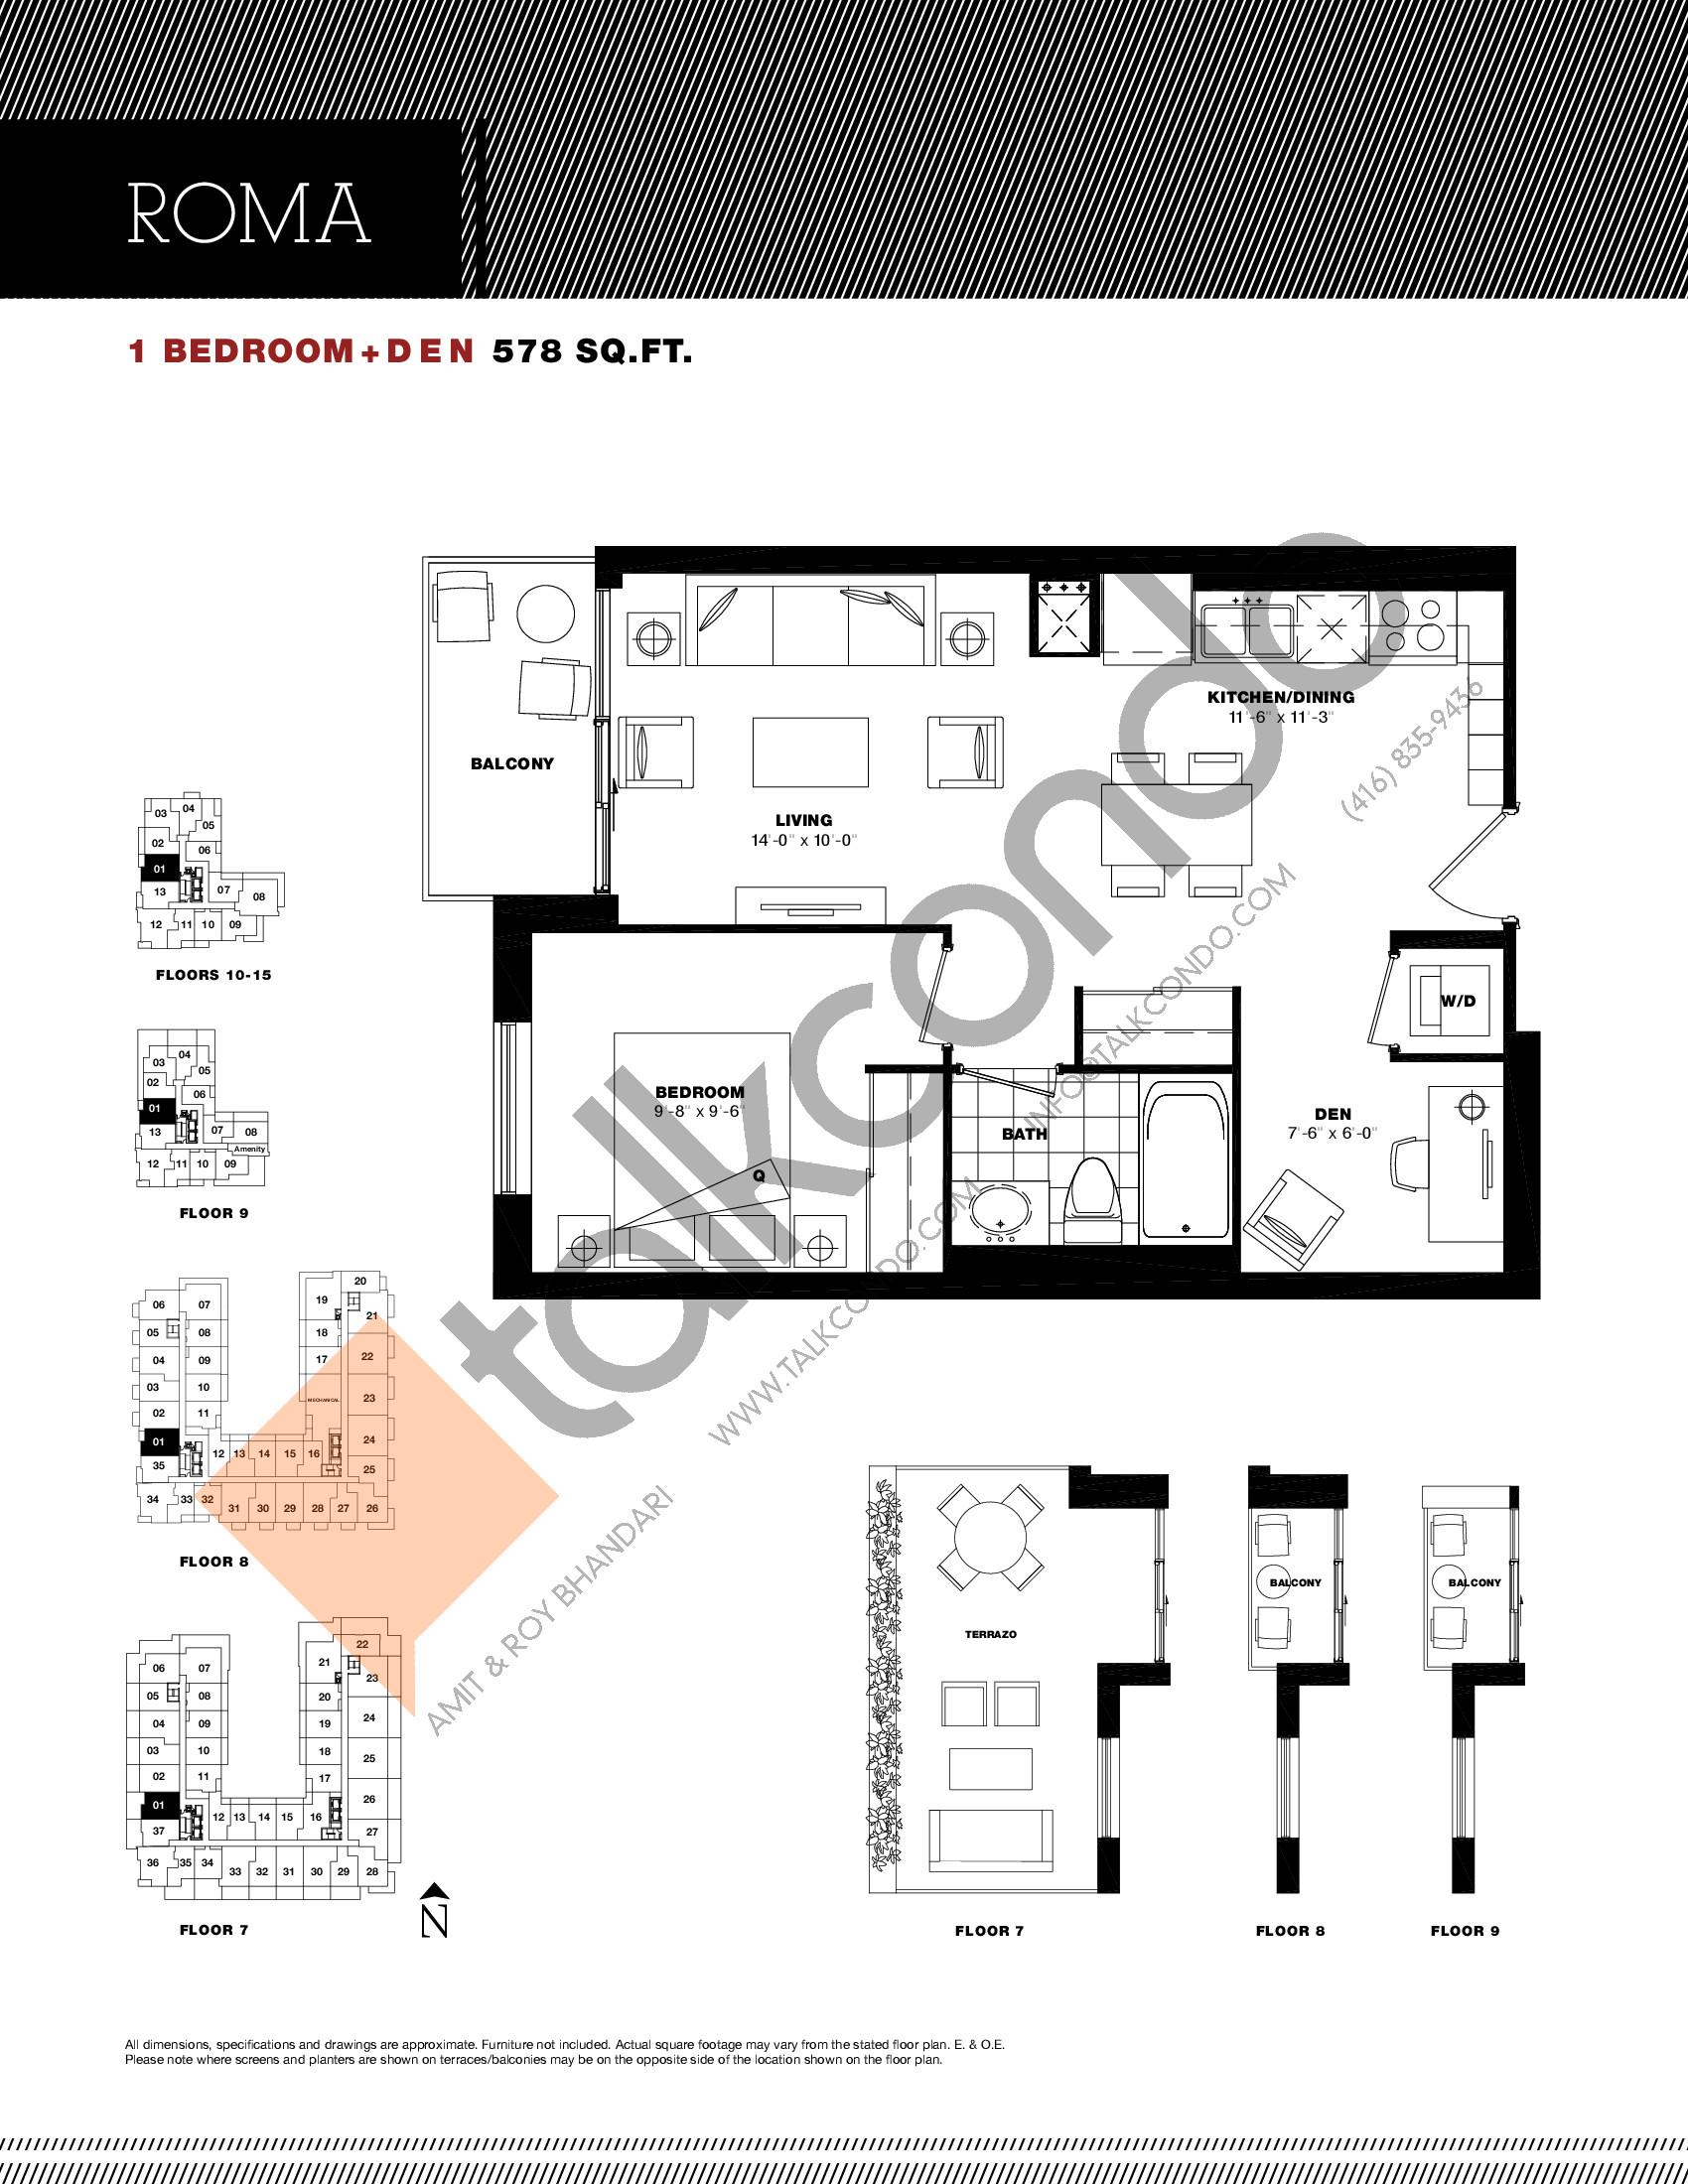 Roma Floor Plan at Residenze Palazzo at Treviso 3 Condos - 578 sq.ft